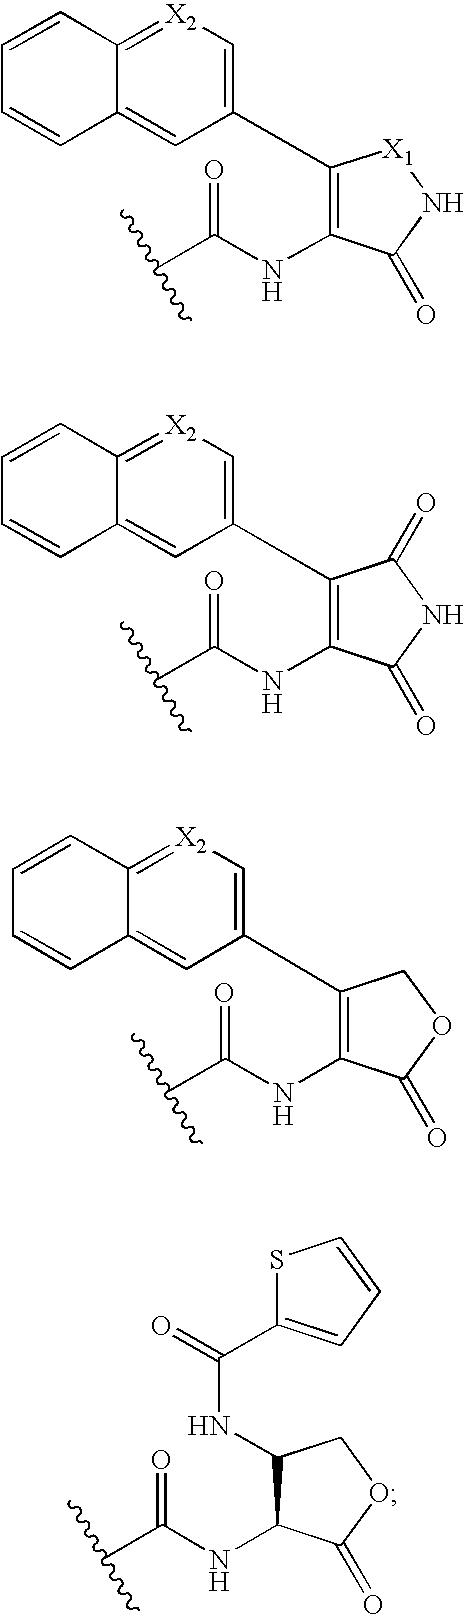 Figure US07790743-20100907-C00060